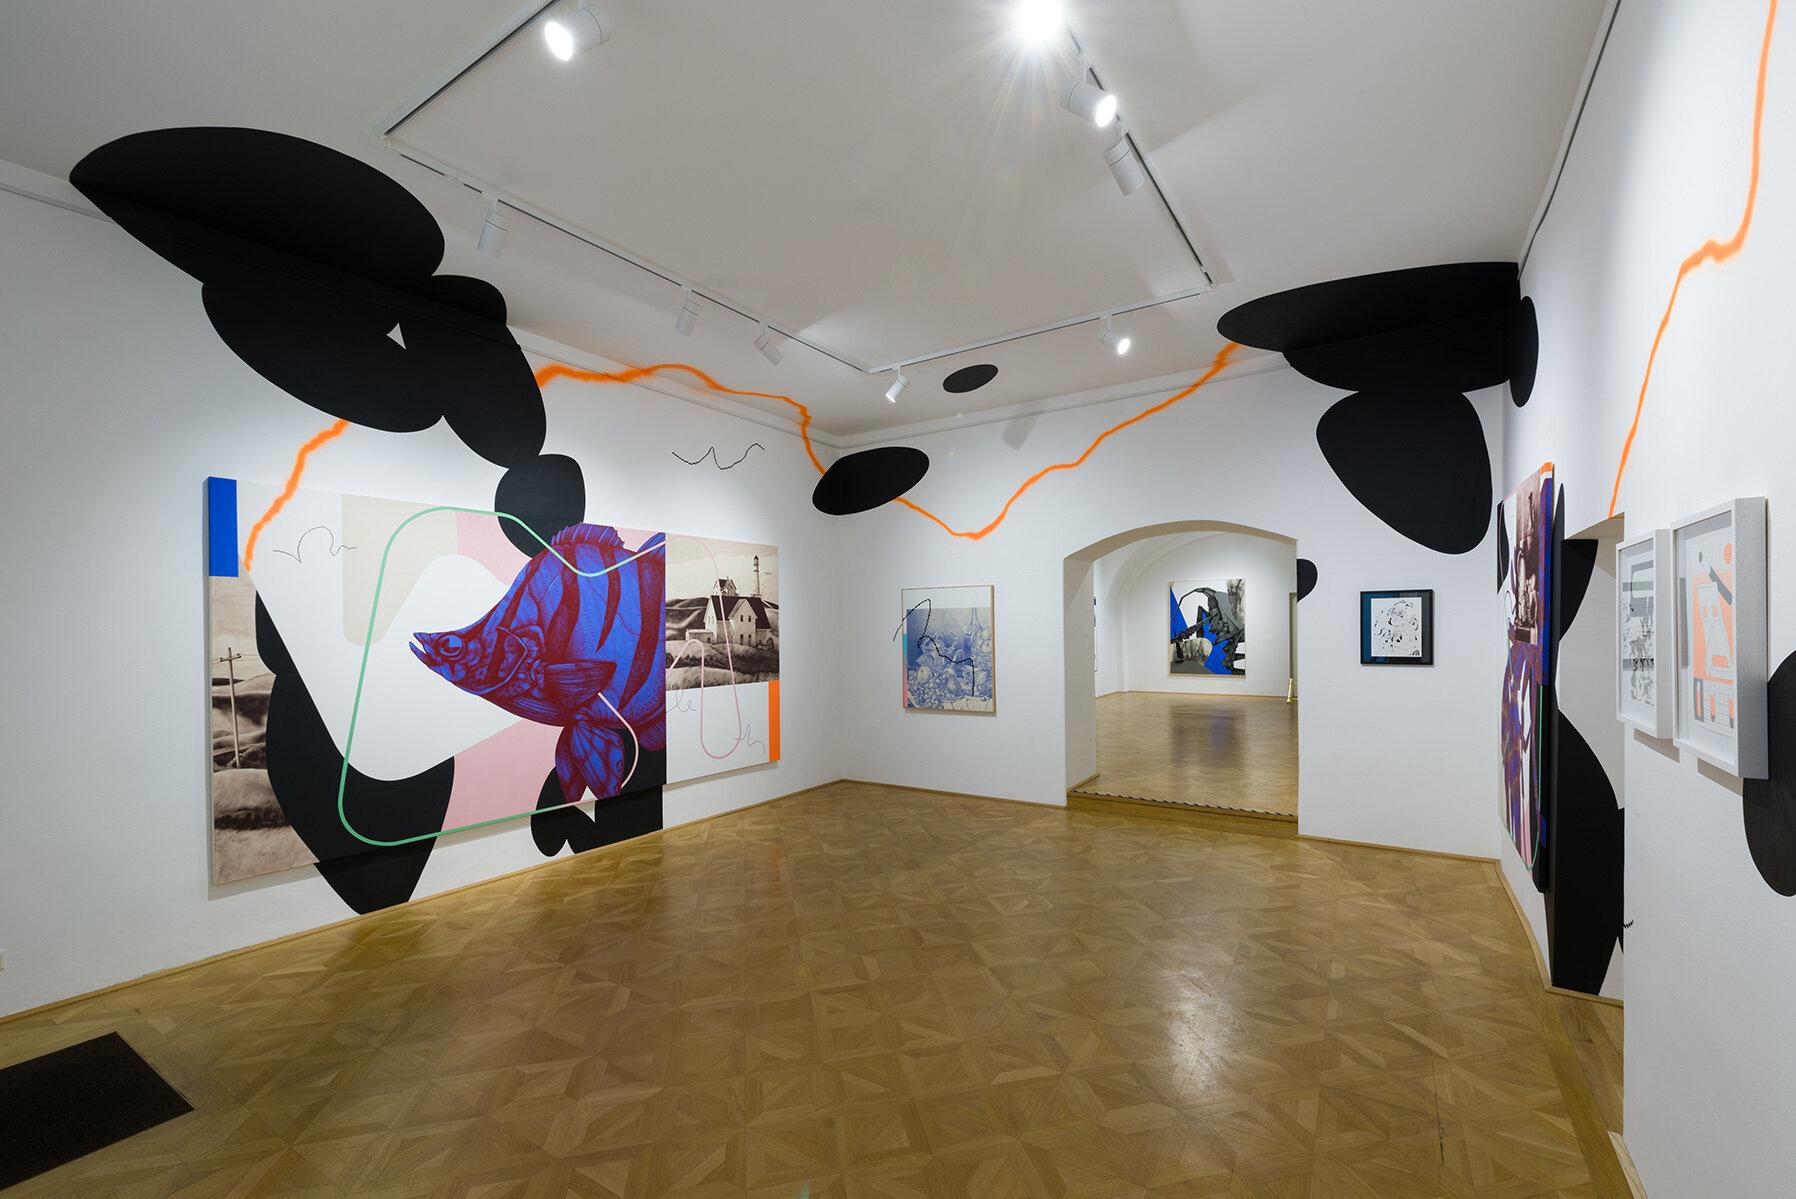 01-Exhibition AG18 PERK_up + RUIN 2019 Photo Christoph Schlessmann.jpg